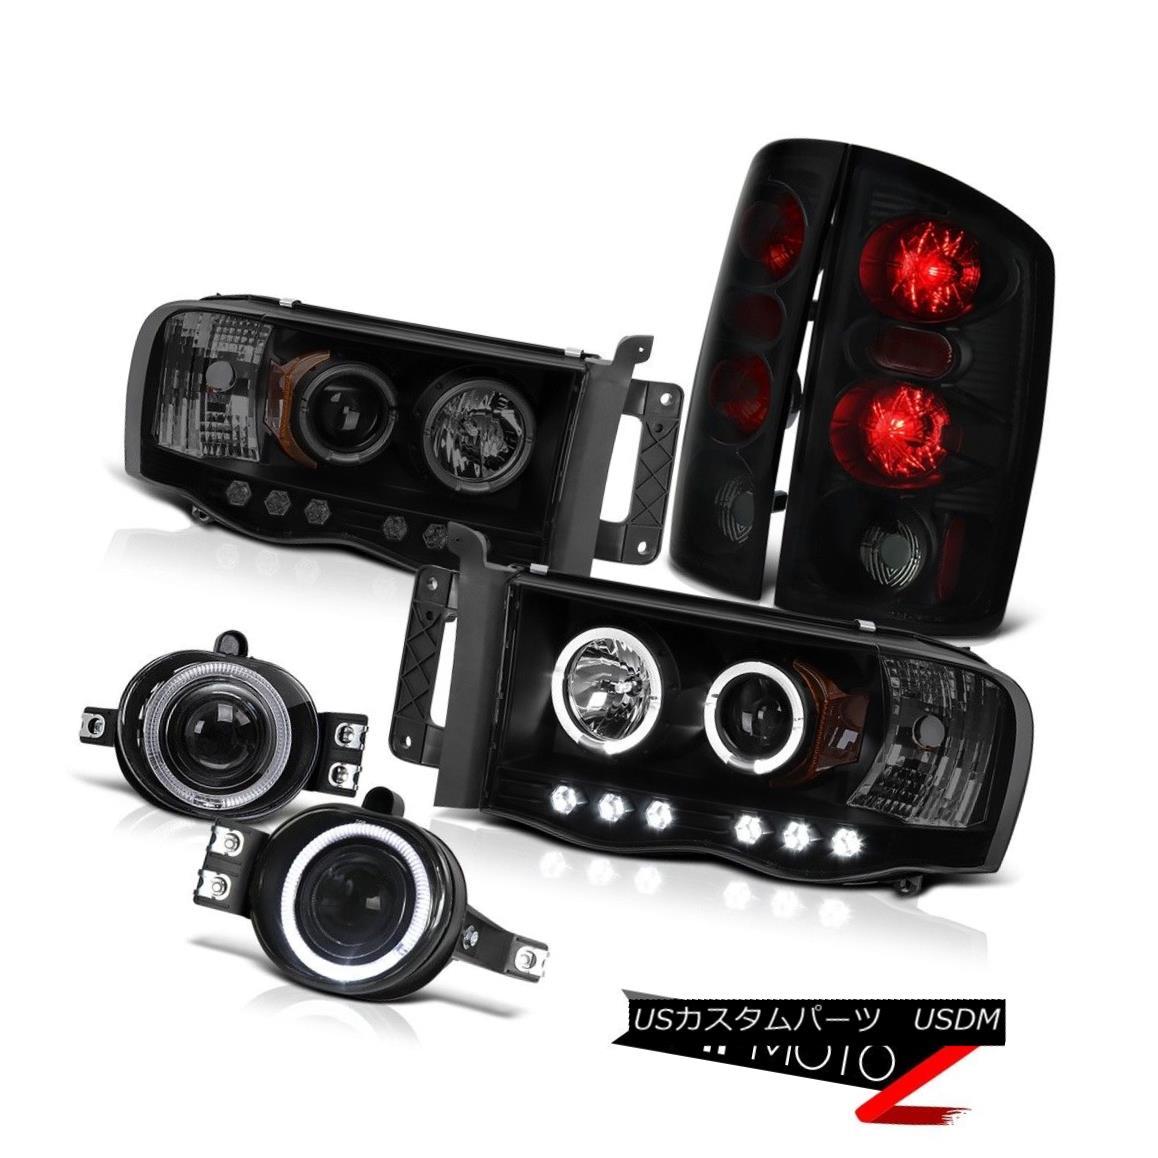 ヘッドライト 2002-2005 Ram Turbo Diesel SLT LED Daytime Headlight Reverse Signal Tail Lights 2002 - 2005年ラムターボディーゼルSLT LED昼間ヘッドライト逆信号テールライト